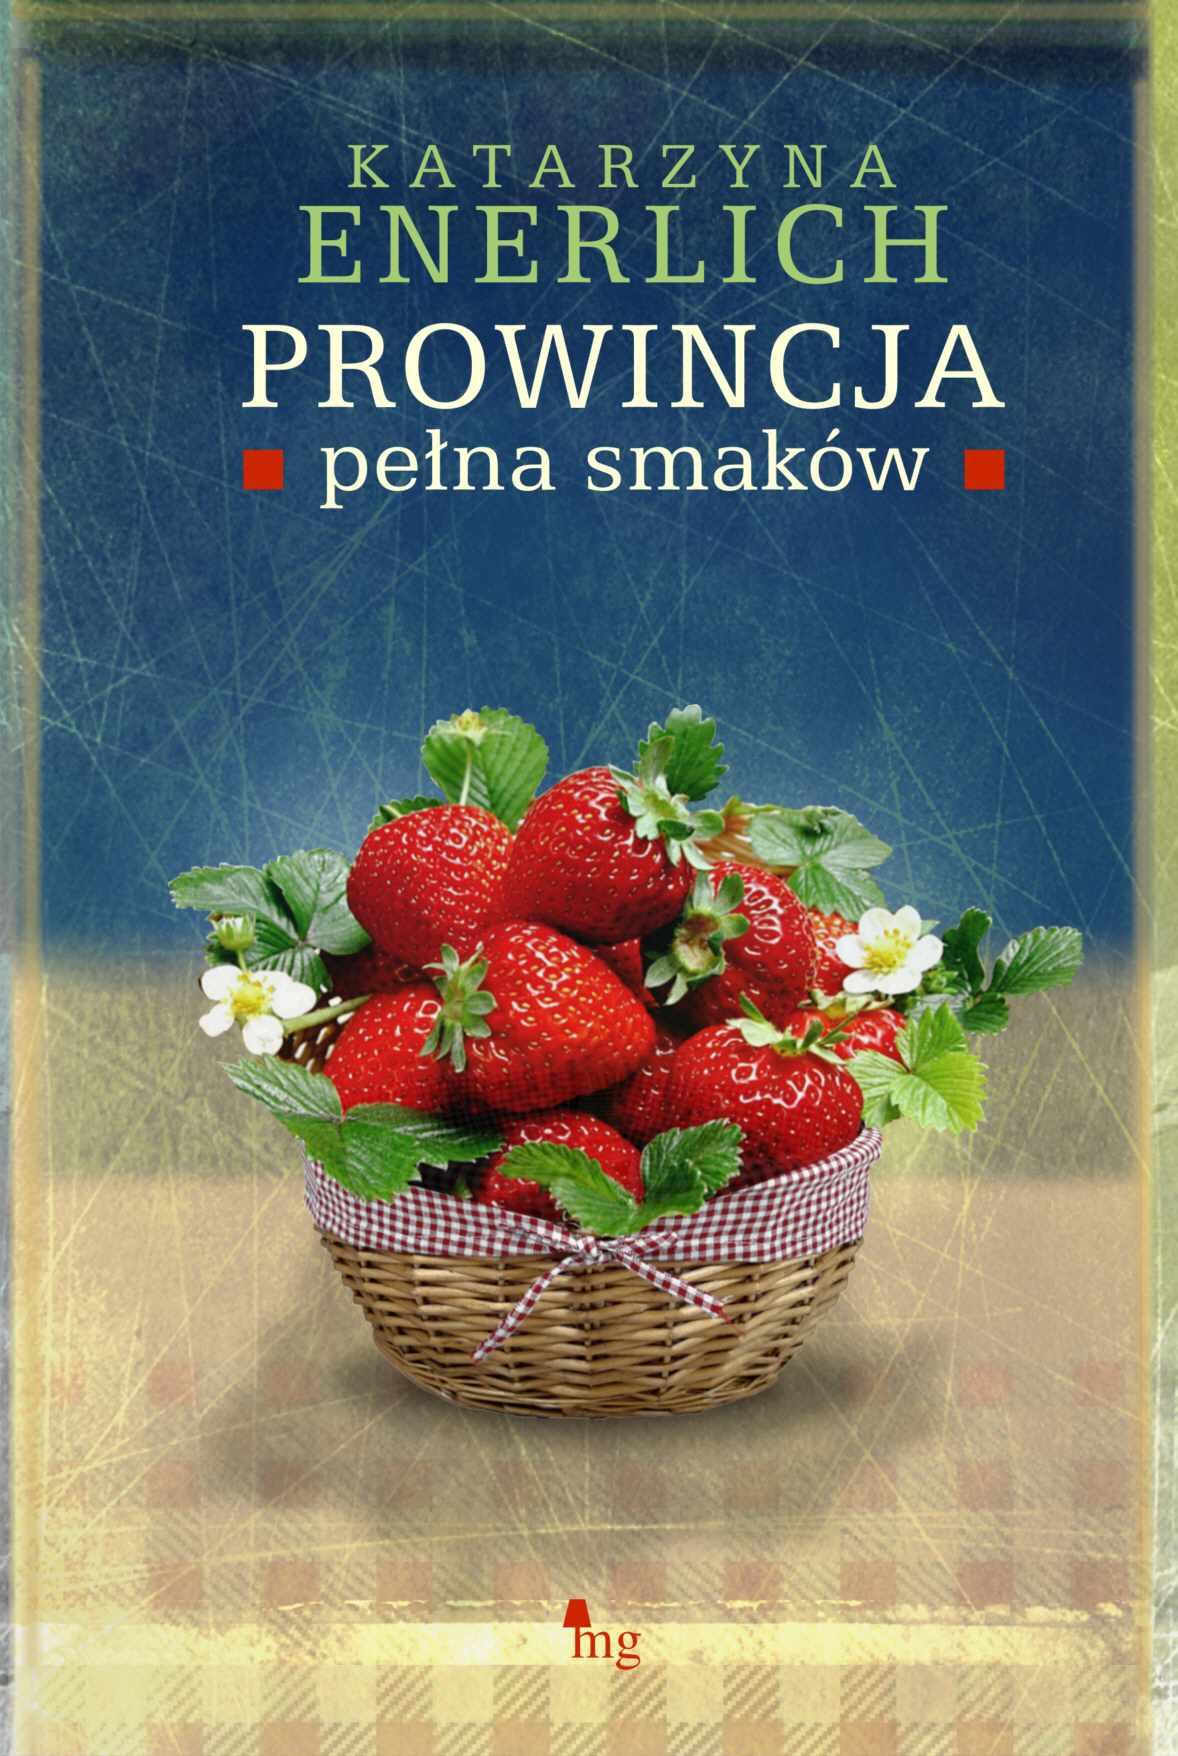 Prowincja pełna smaków - Ebook (Książka EPUB) do pobrania w formacie EPUB